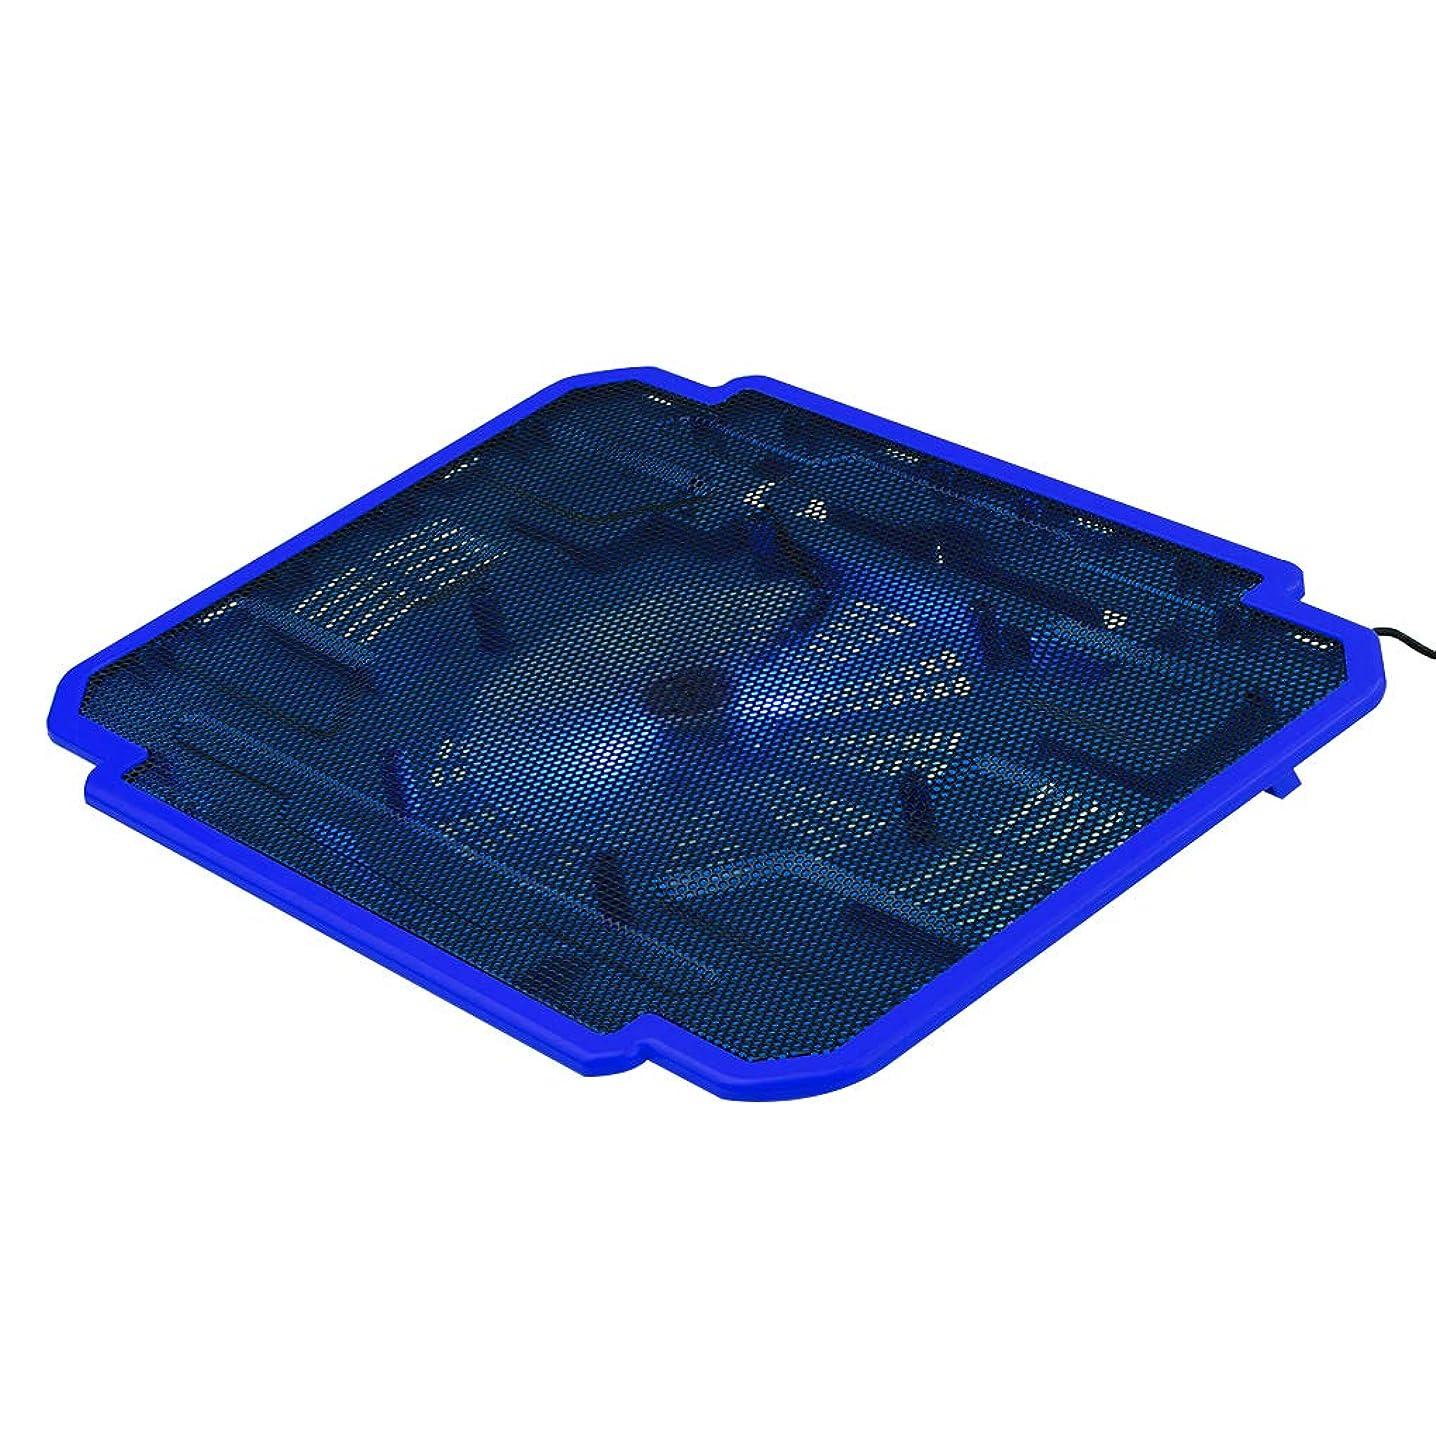 USB Cooling Fan Laptop Notebook Cooler USB External Heatsink Computer Stand High Speed Silent Cooling Pad